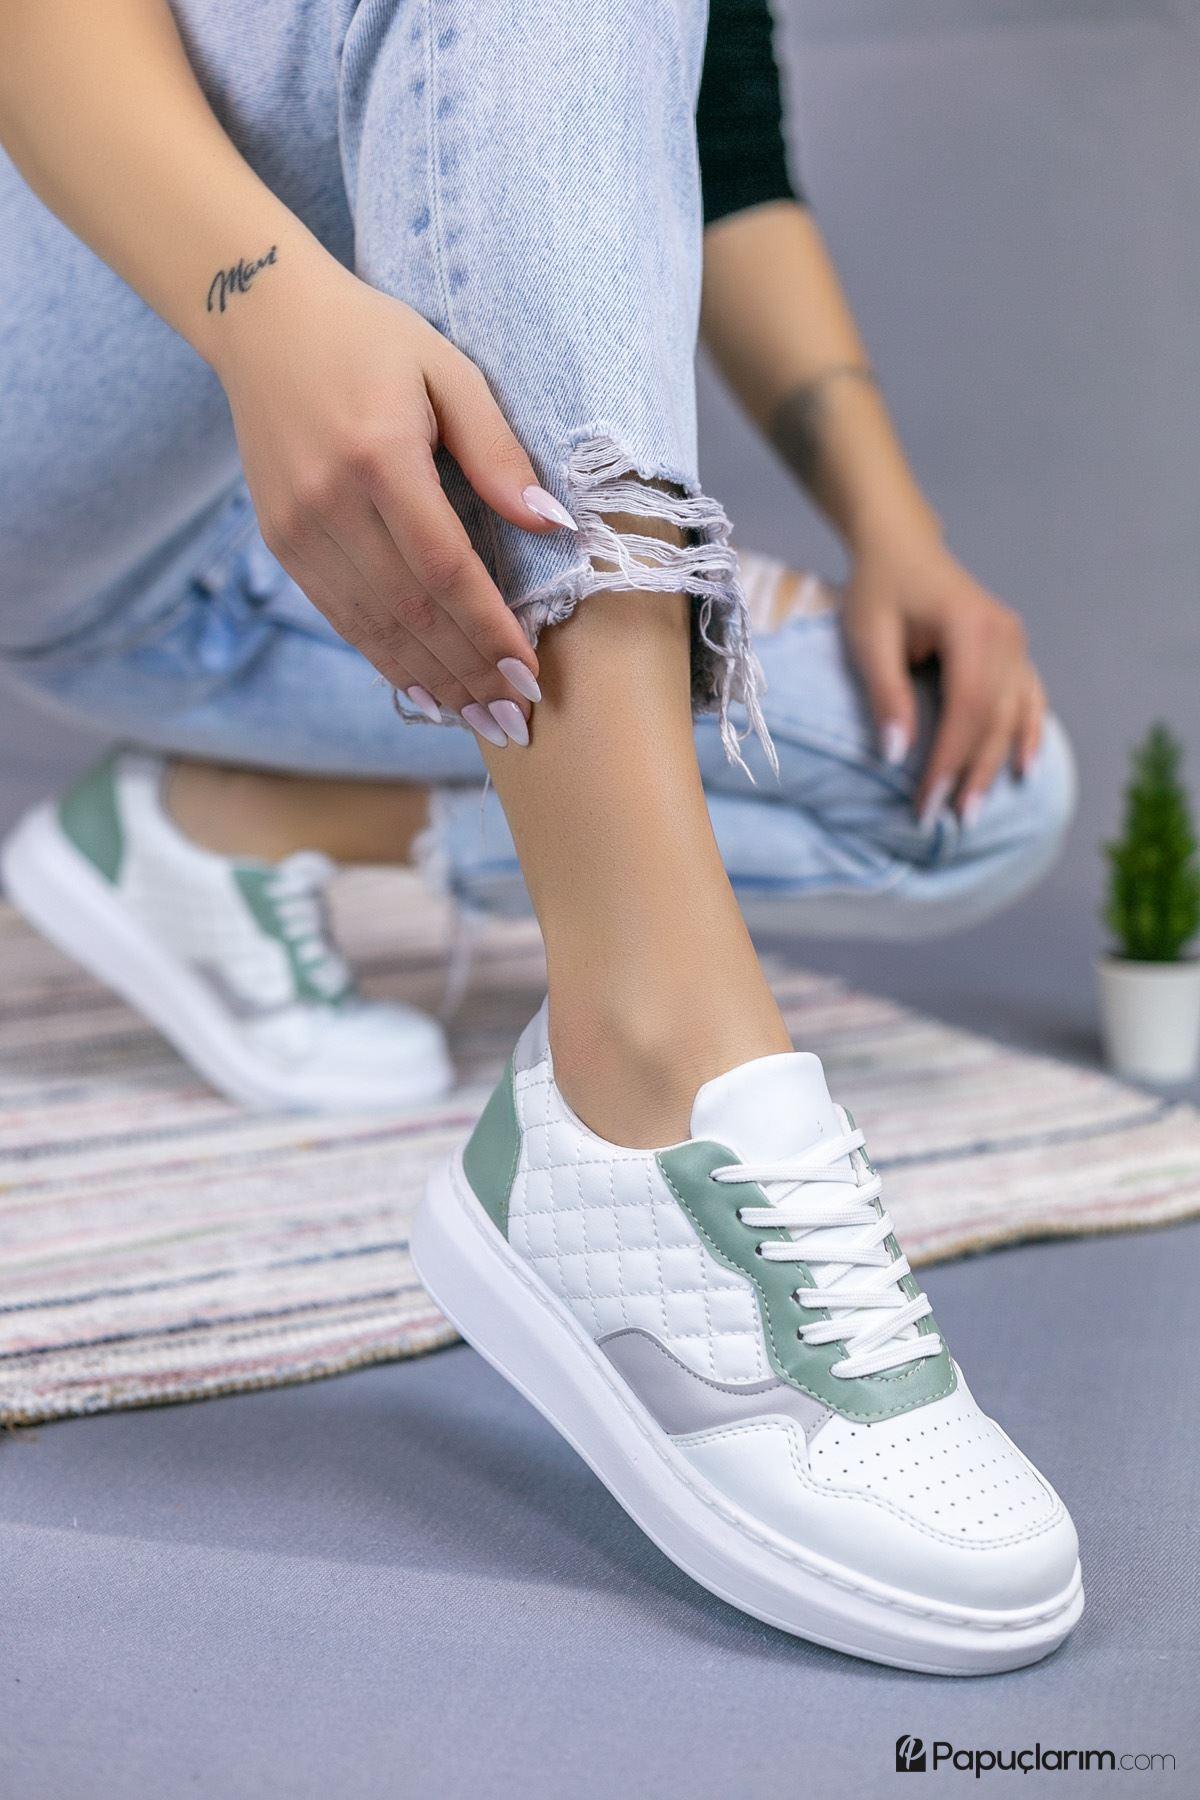 Danila Beyaz Kapitone Gri-Yeşil Süet Bağcıklı Kadın Spor Ayakkabı